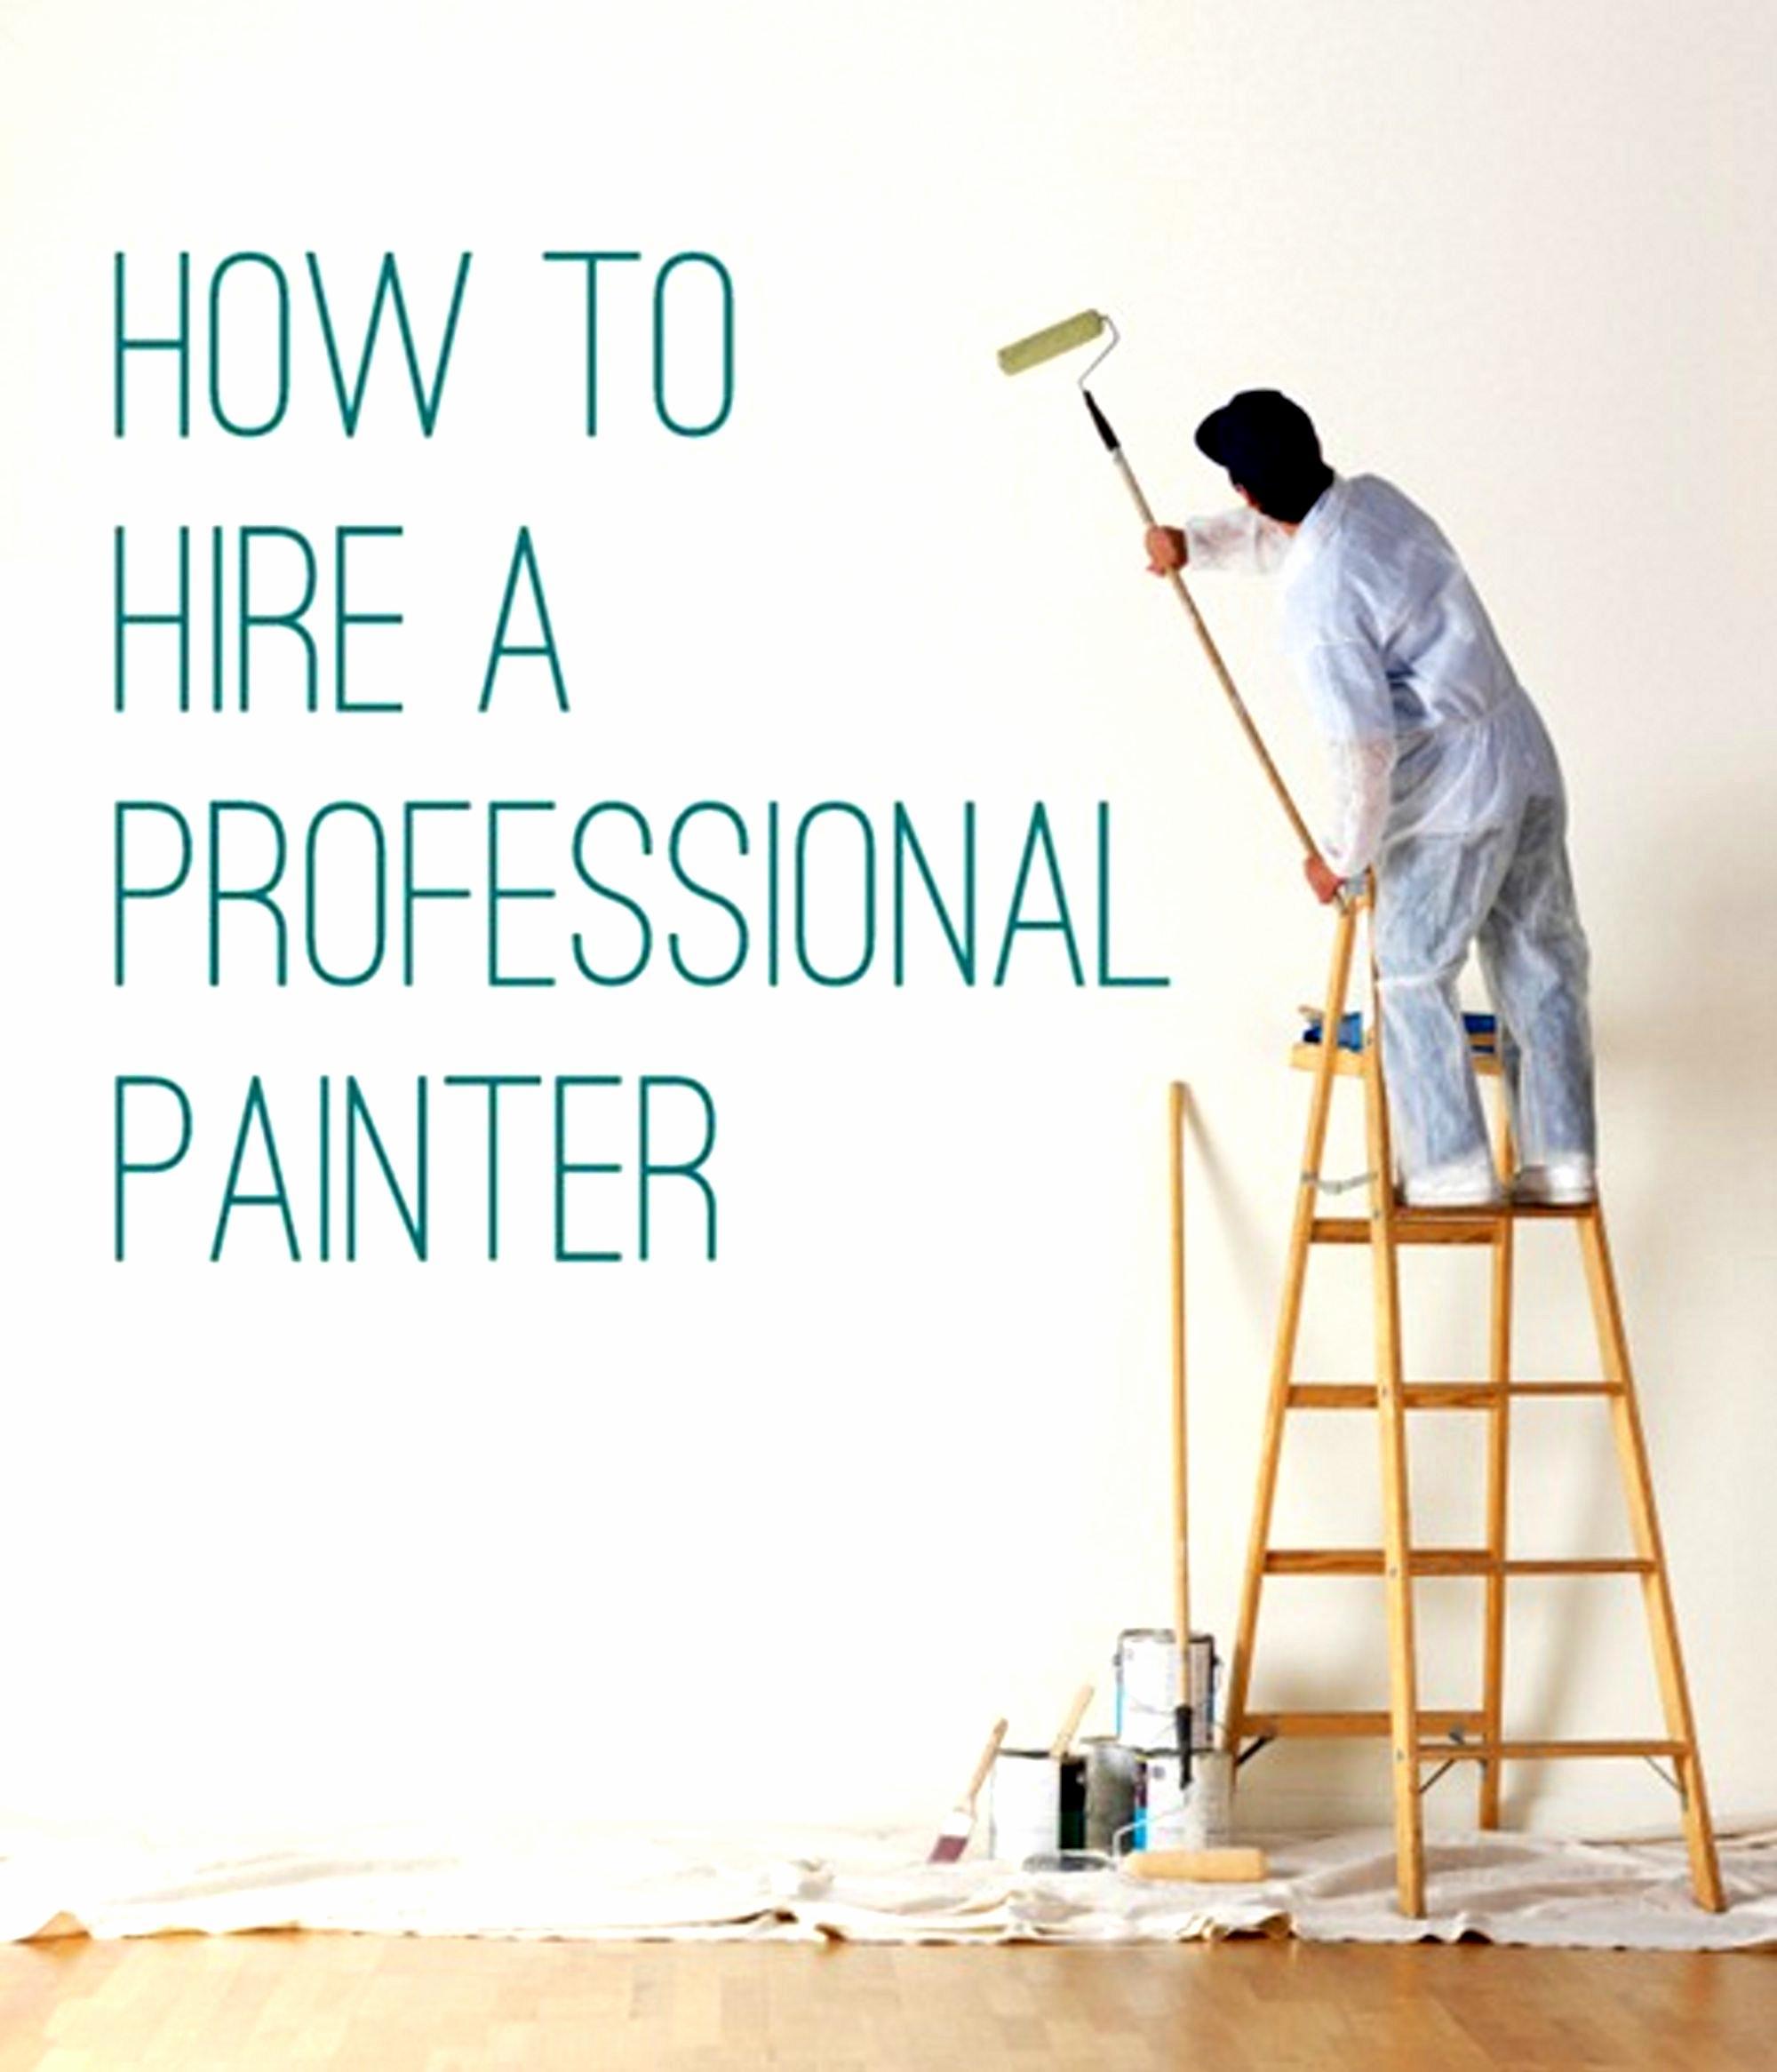 Professional building painter